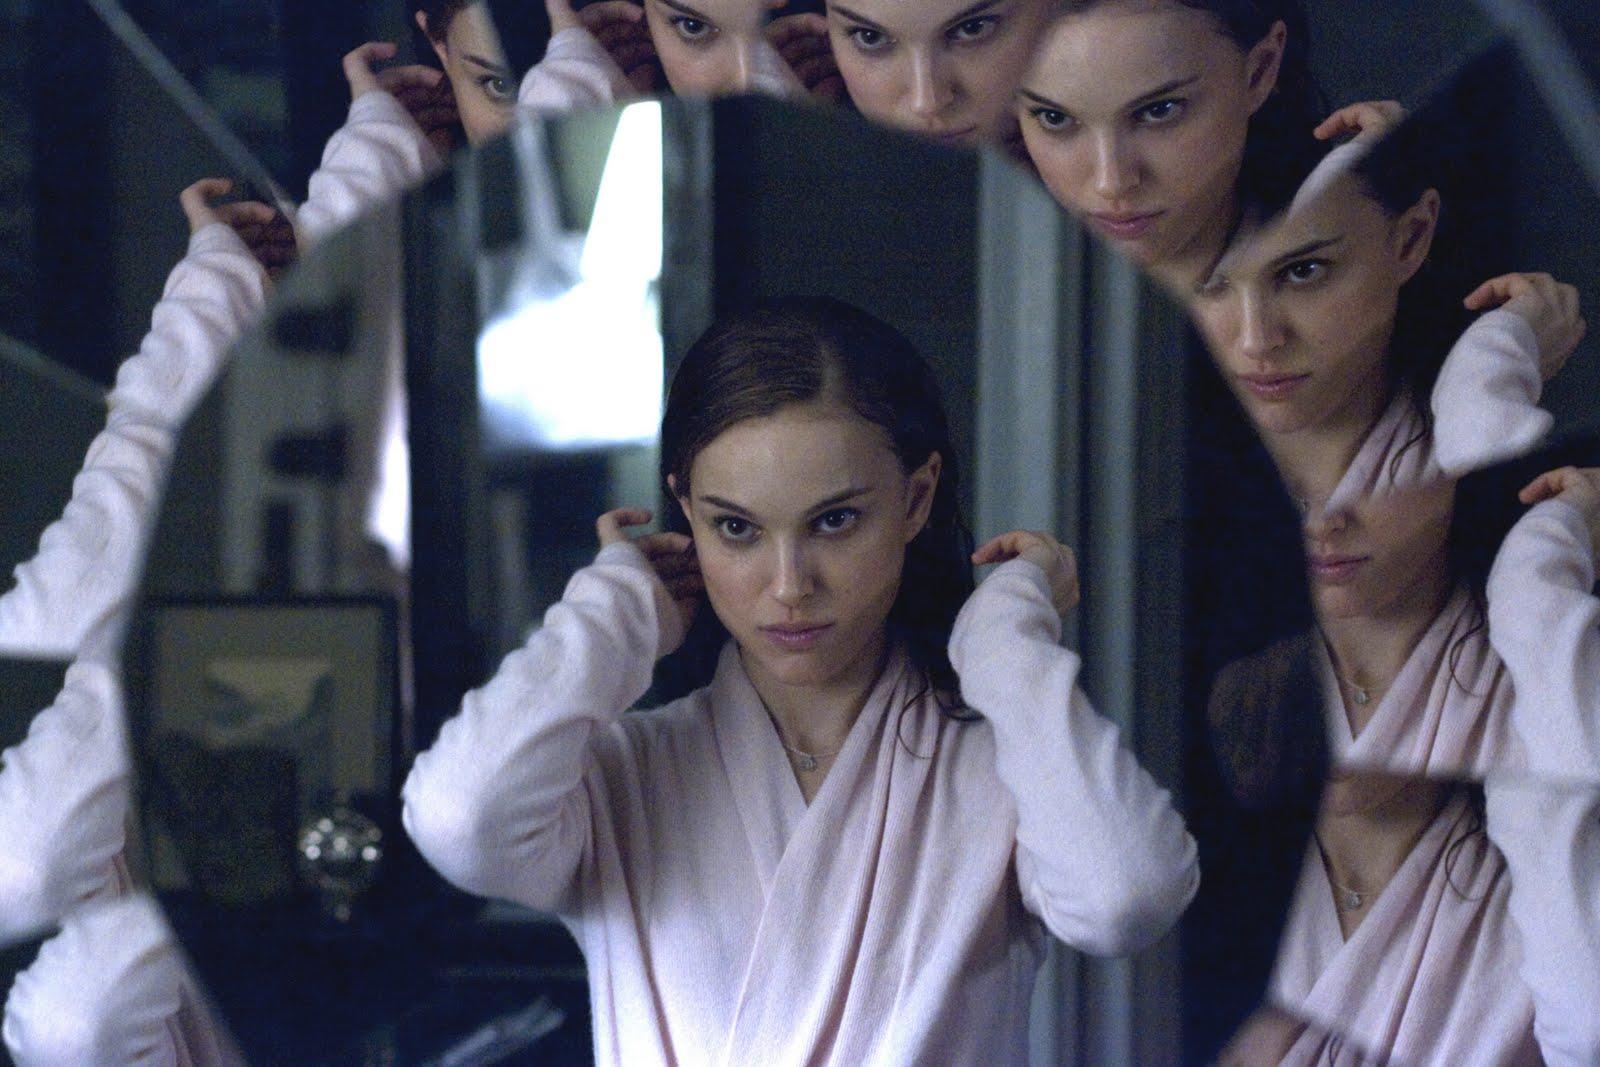 Imagem do filme Cisne Negro, ou Black Swan. A imagem mostra um close do rosto de Natalie Portman refletida muitas vezes em um espelho com várias superfícies.